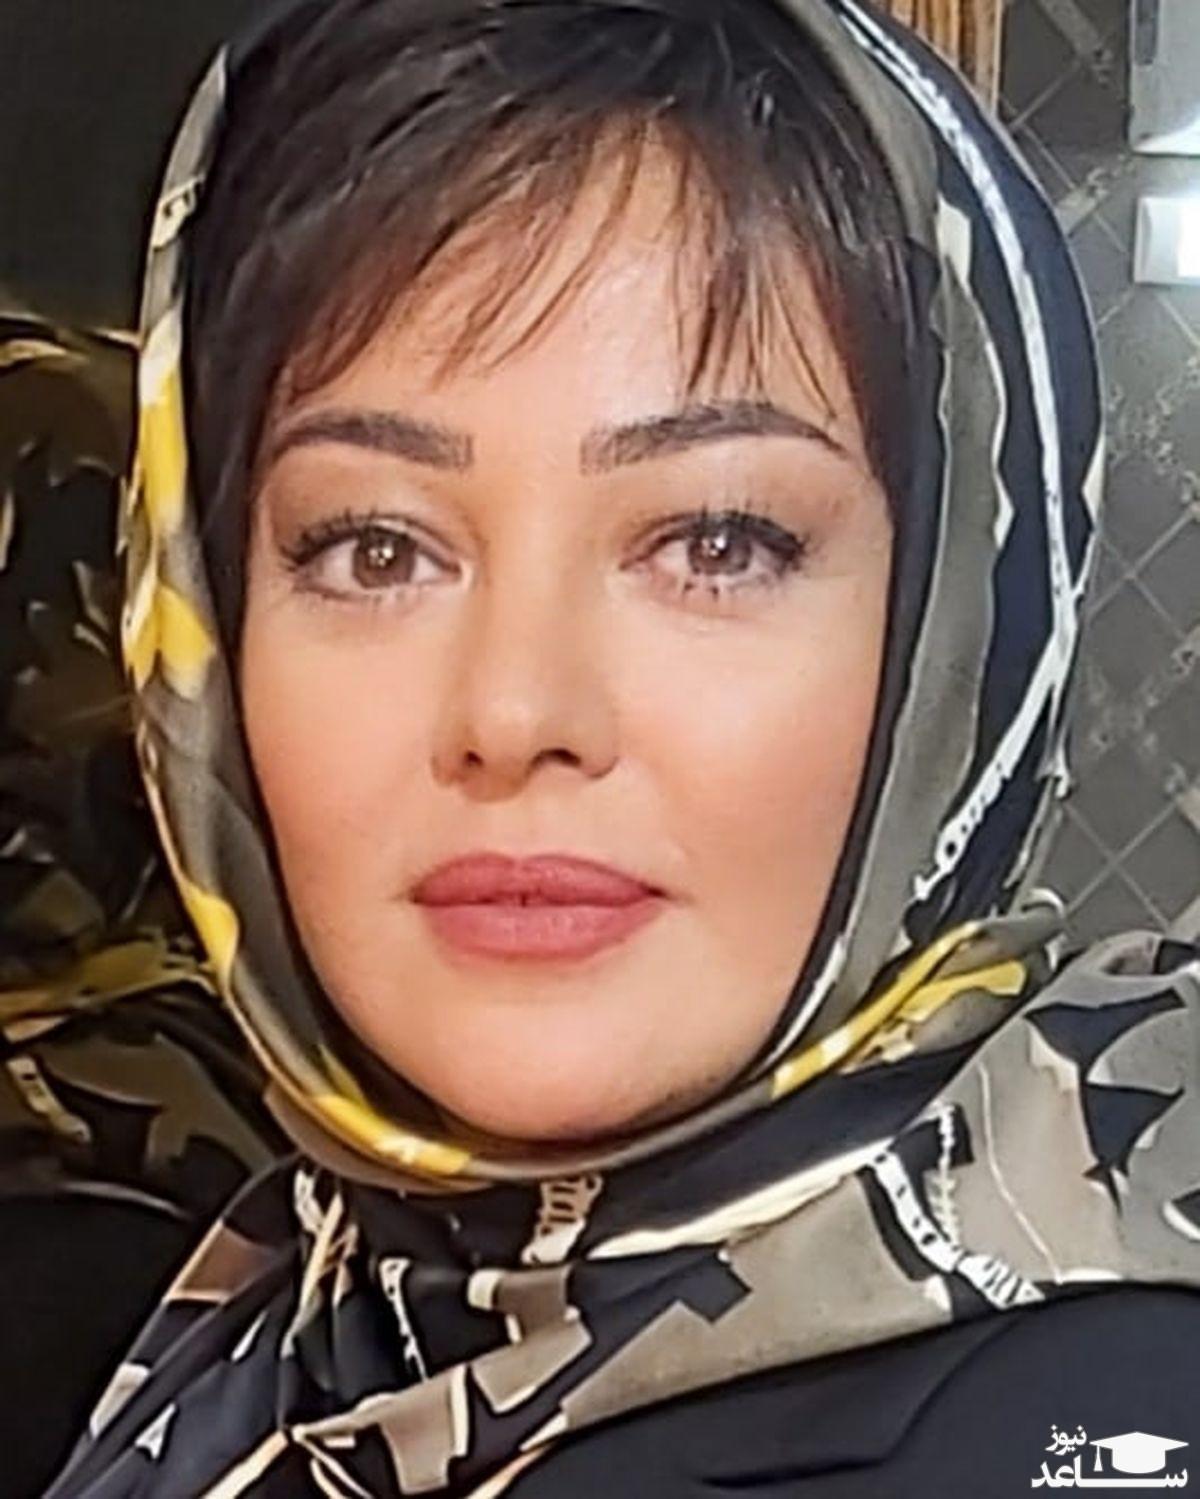 عکس های لو رفته عروسی رزیتا غفاری و همسرش